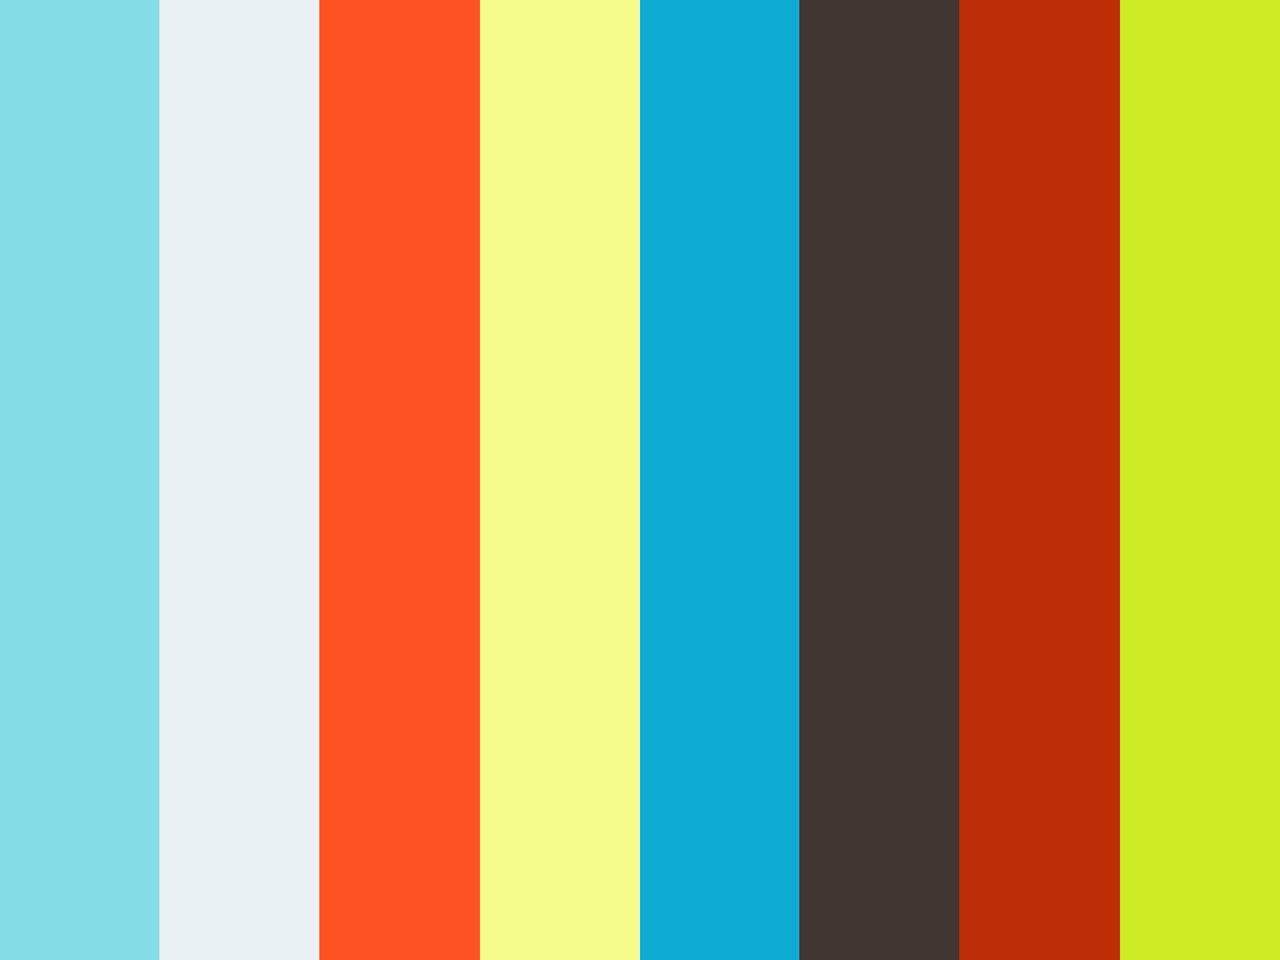 Коллекция видео academy of media arts kyiv academy of media arts Дипломная работа студентов направления video в КАМА набор Весна 2015 рекламный ролик для украинского бренда рюкзаков gud